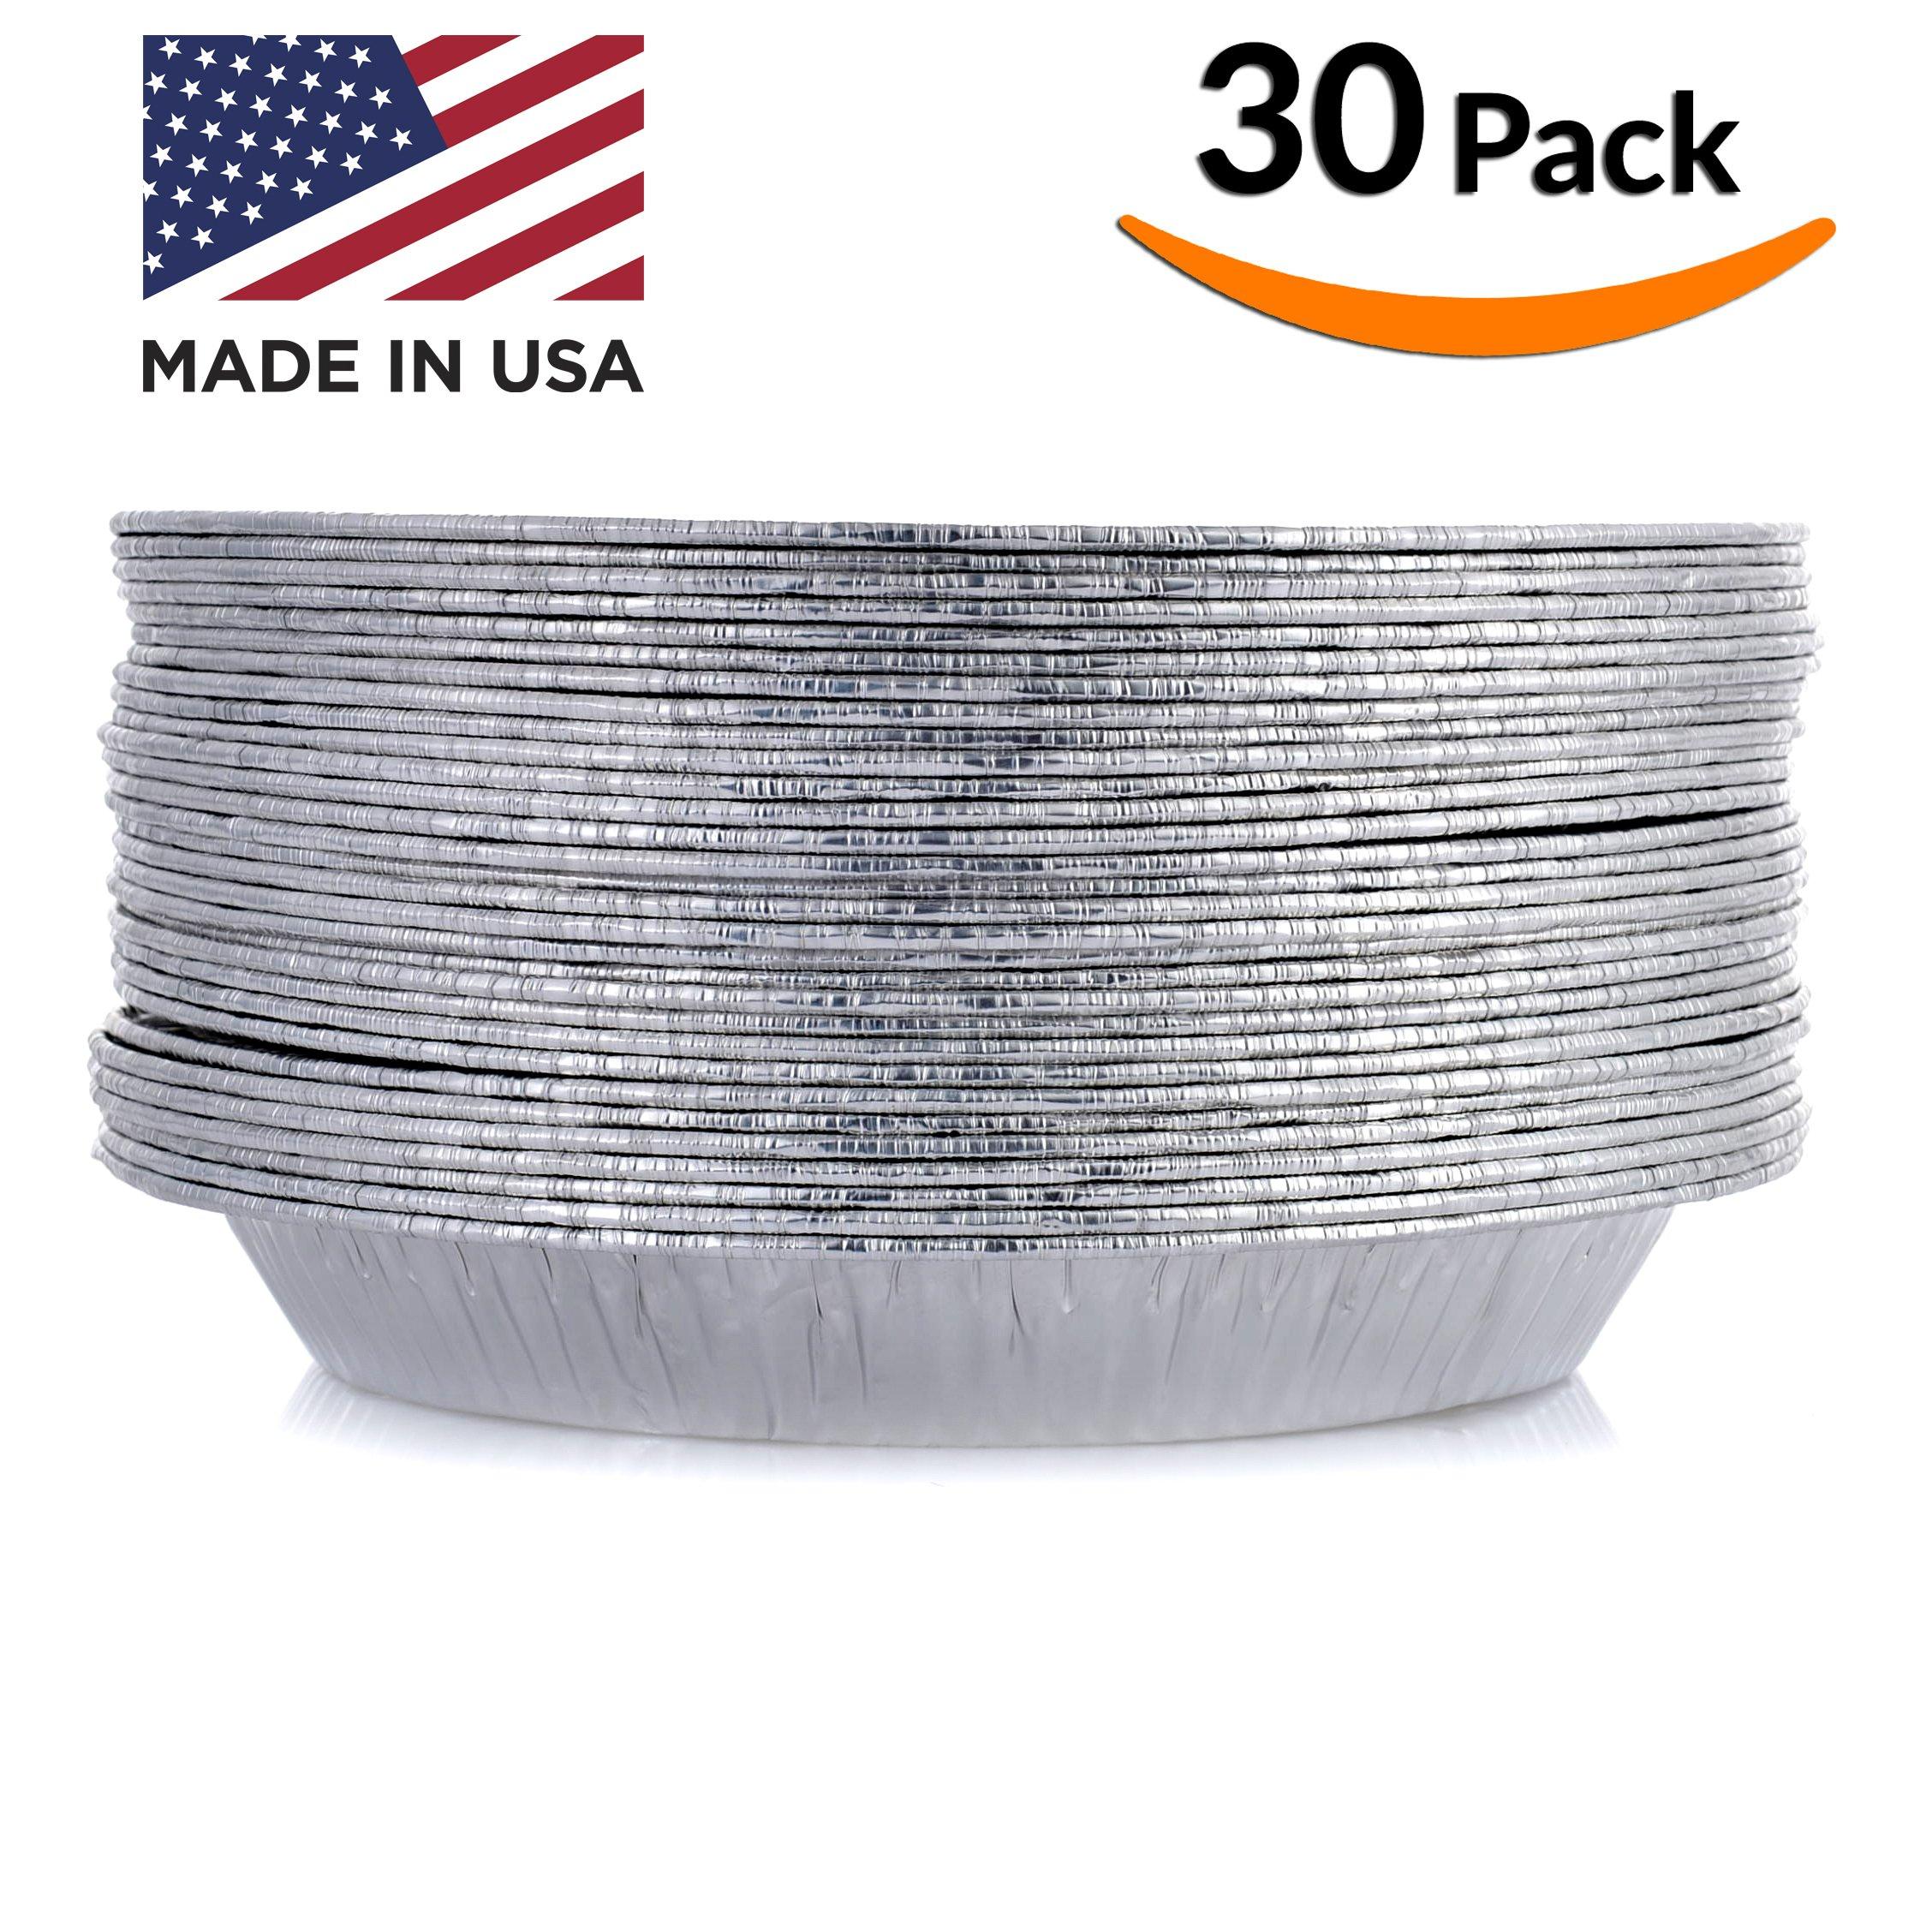 DOBI 9'' Pie Pans (30 Pack) - Disposable Aluminum Foil Pie Plates, Standard Size, 9'' x 1.25''